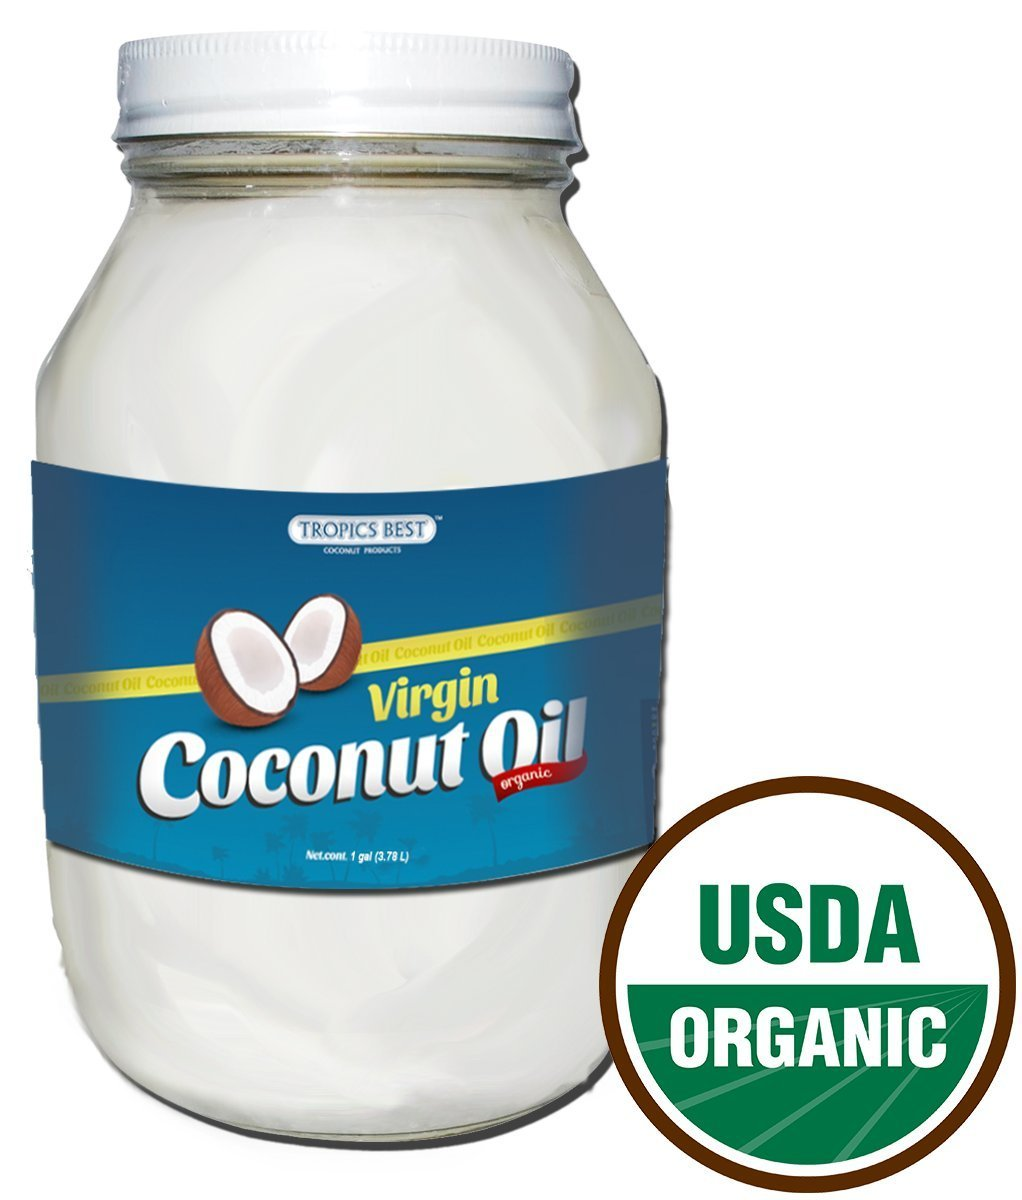 16 Oz Coconut Oil - 100% USDA Certified Organic Virgin